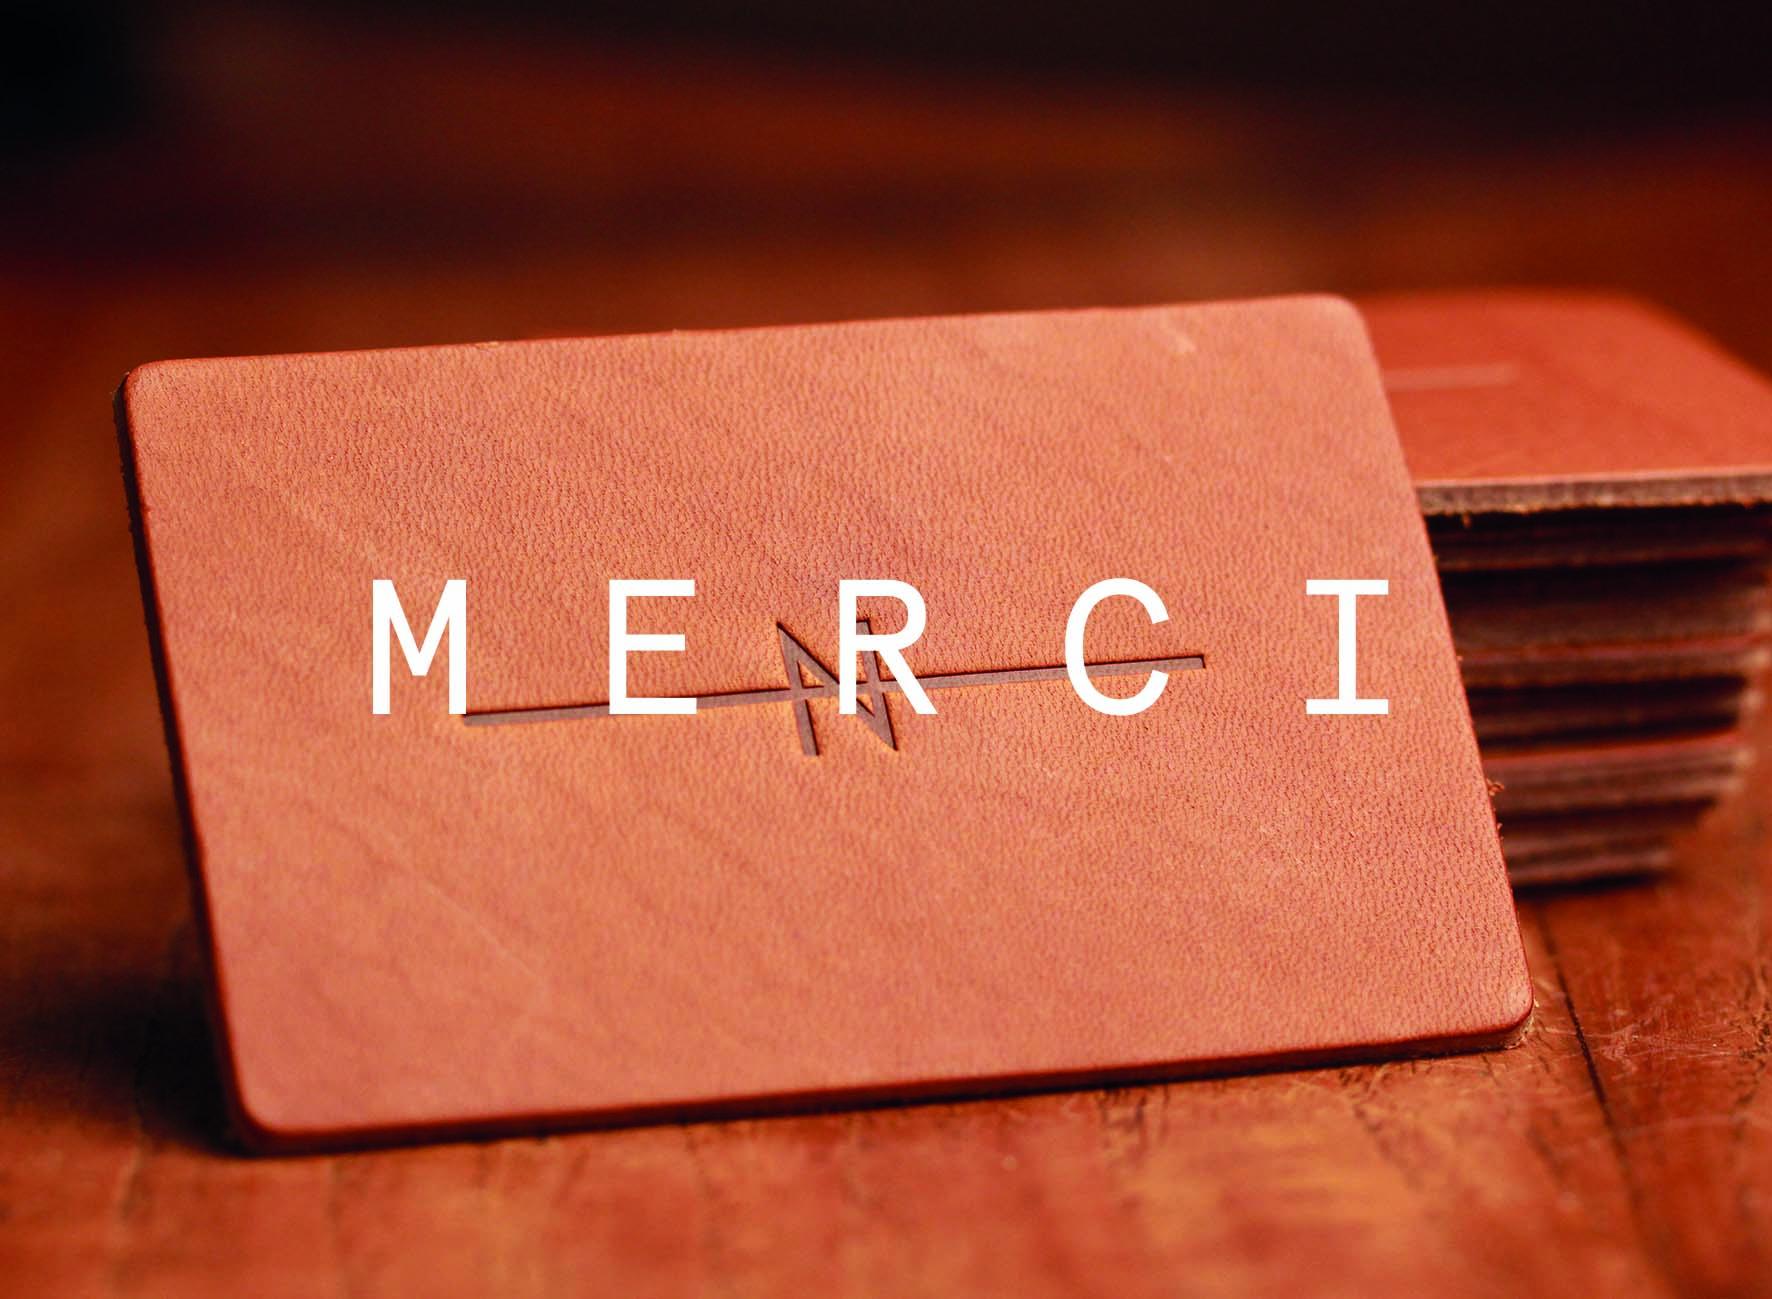 MERCIpsd-1413651588.jpg